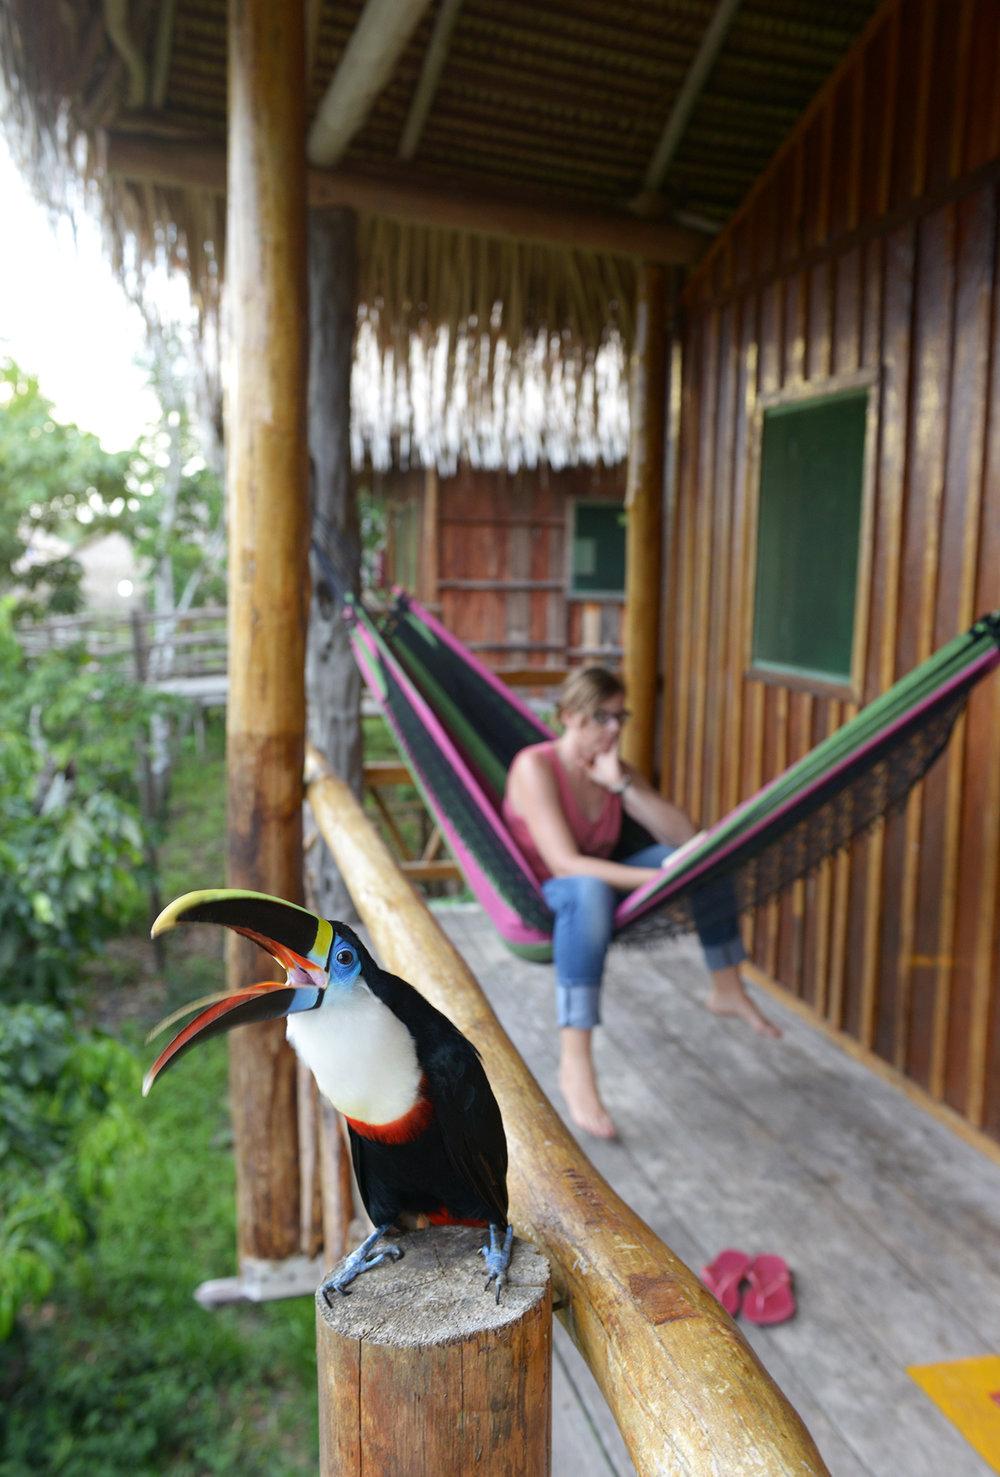 Matkablogi, matka, Amazon, Brasilia, tukaani, matkailu